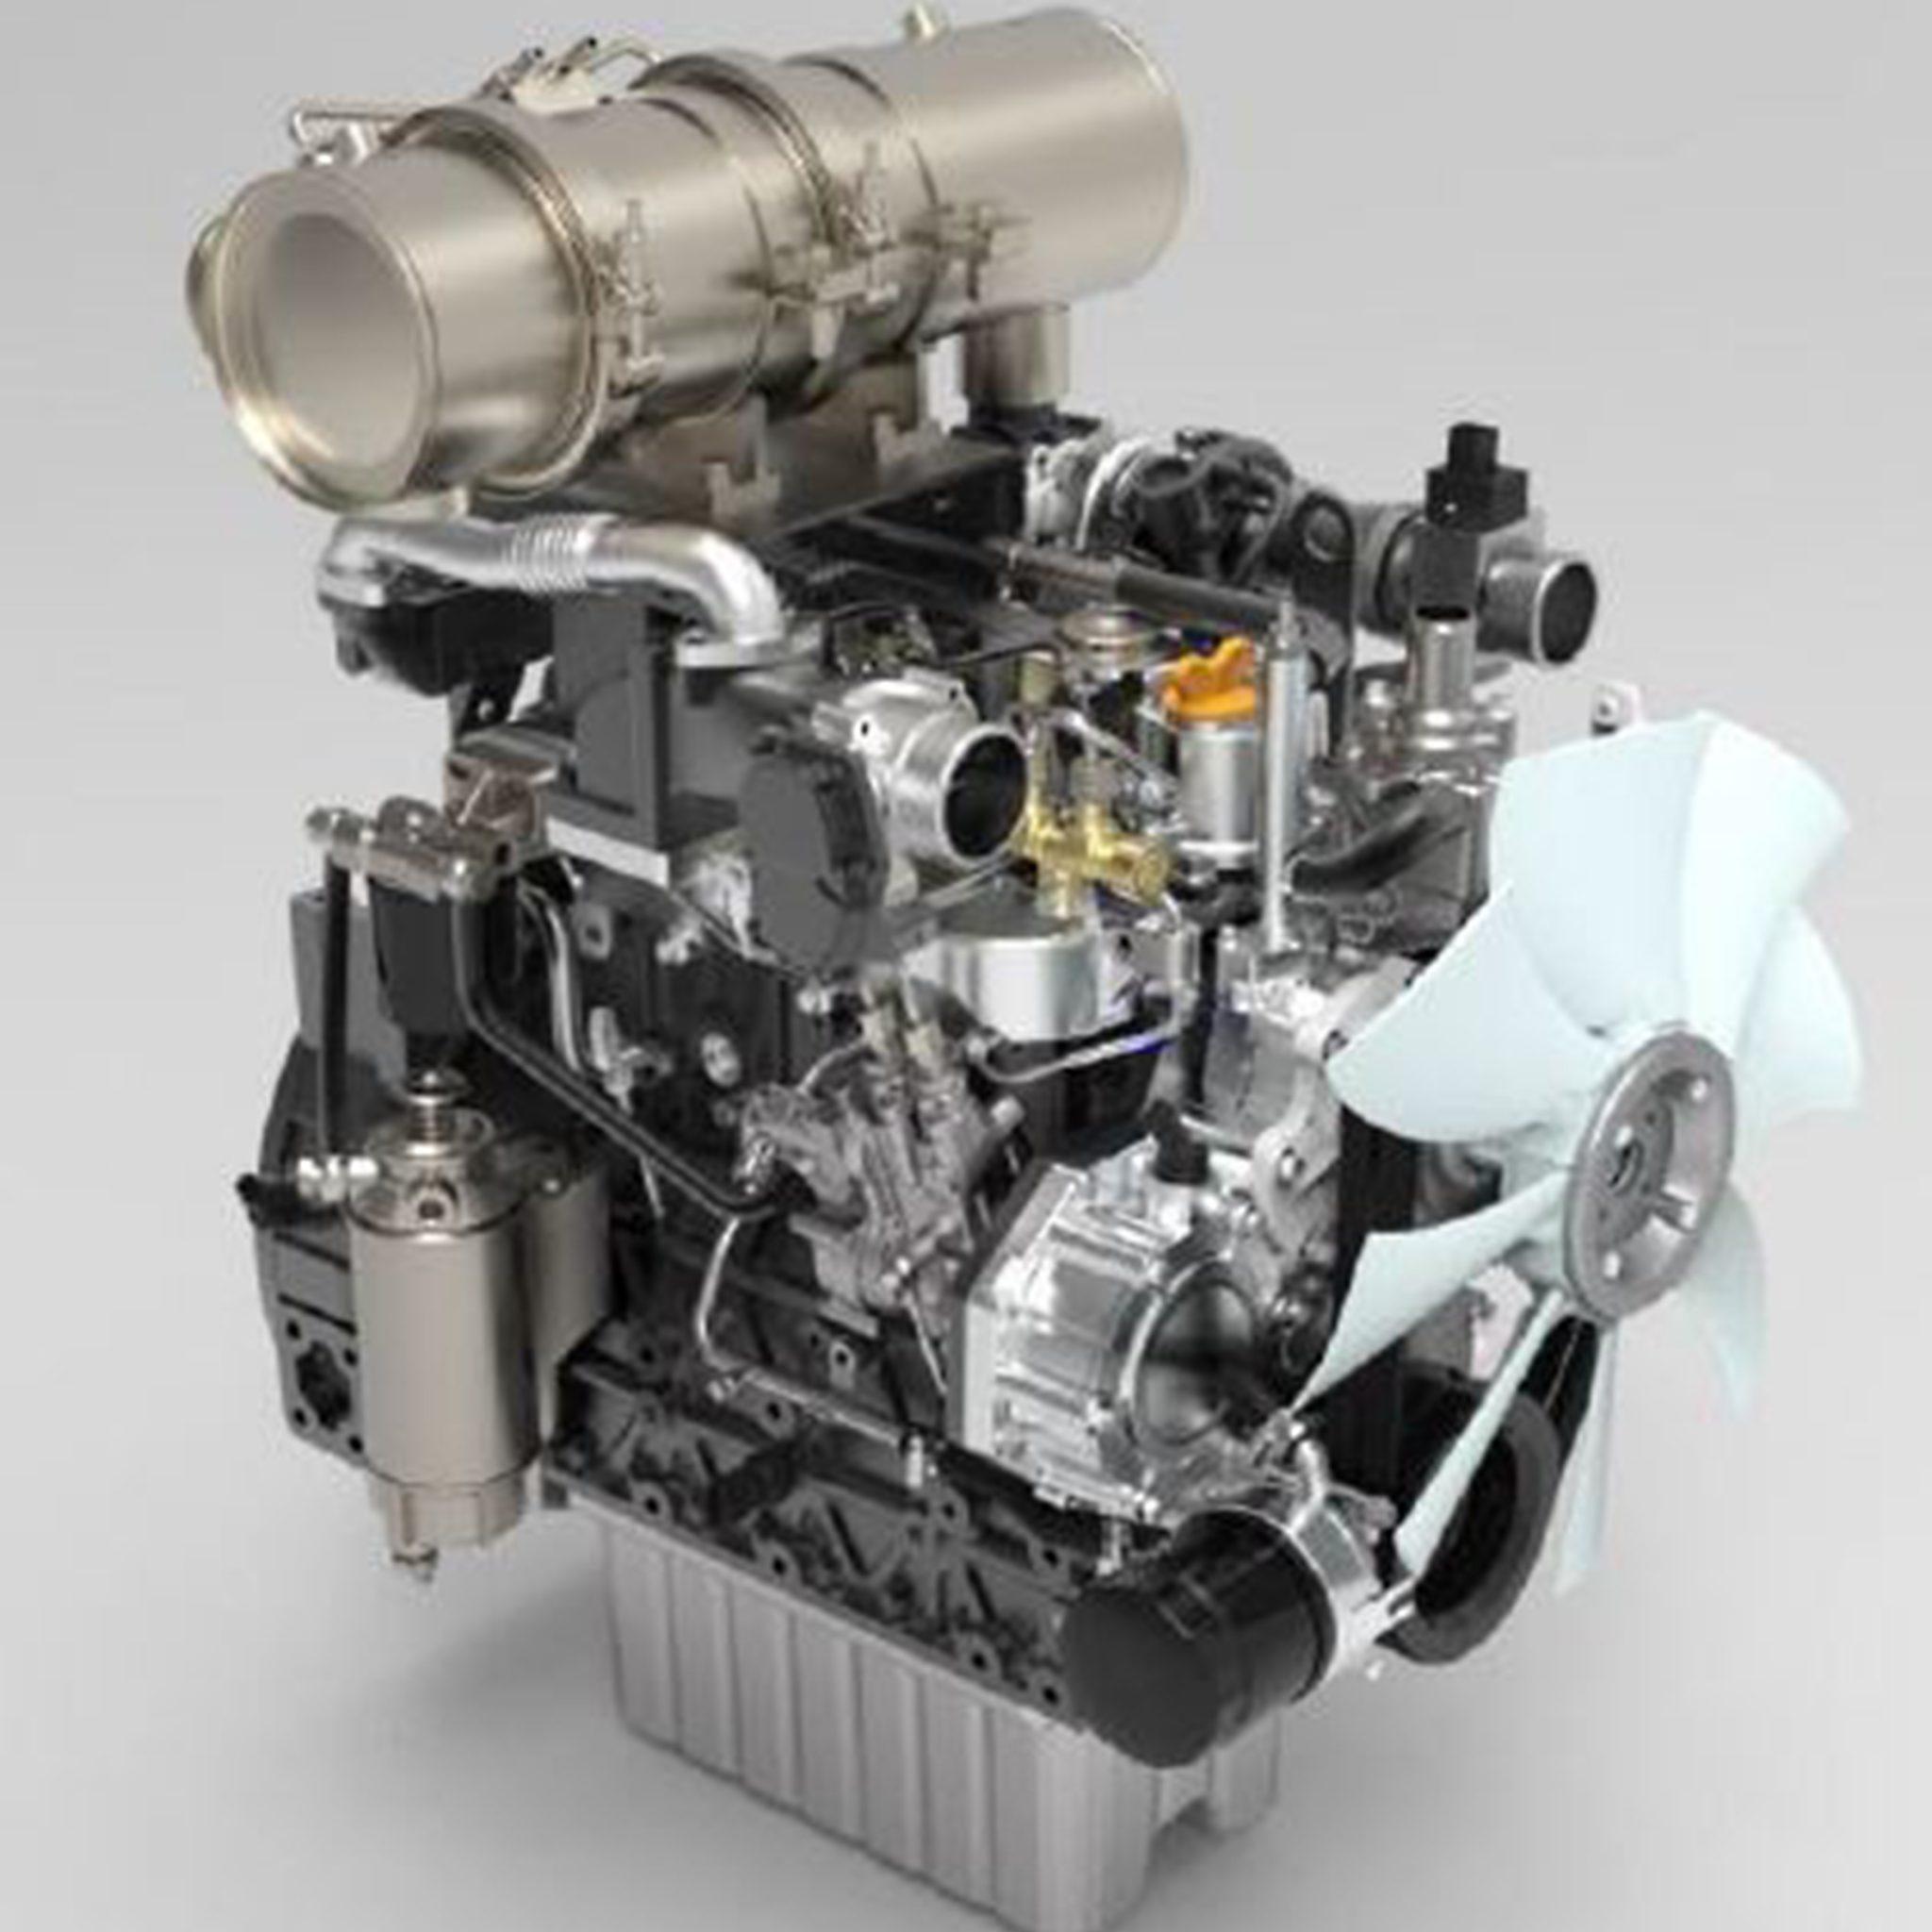 De Raywin 4D24T Stage V-motor wordt in de scheepvaart hoofdzakelijk ingezet als generatormotor. (Foto's De Maas)